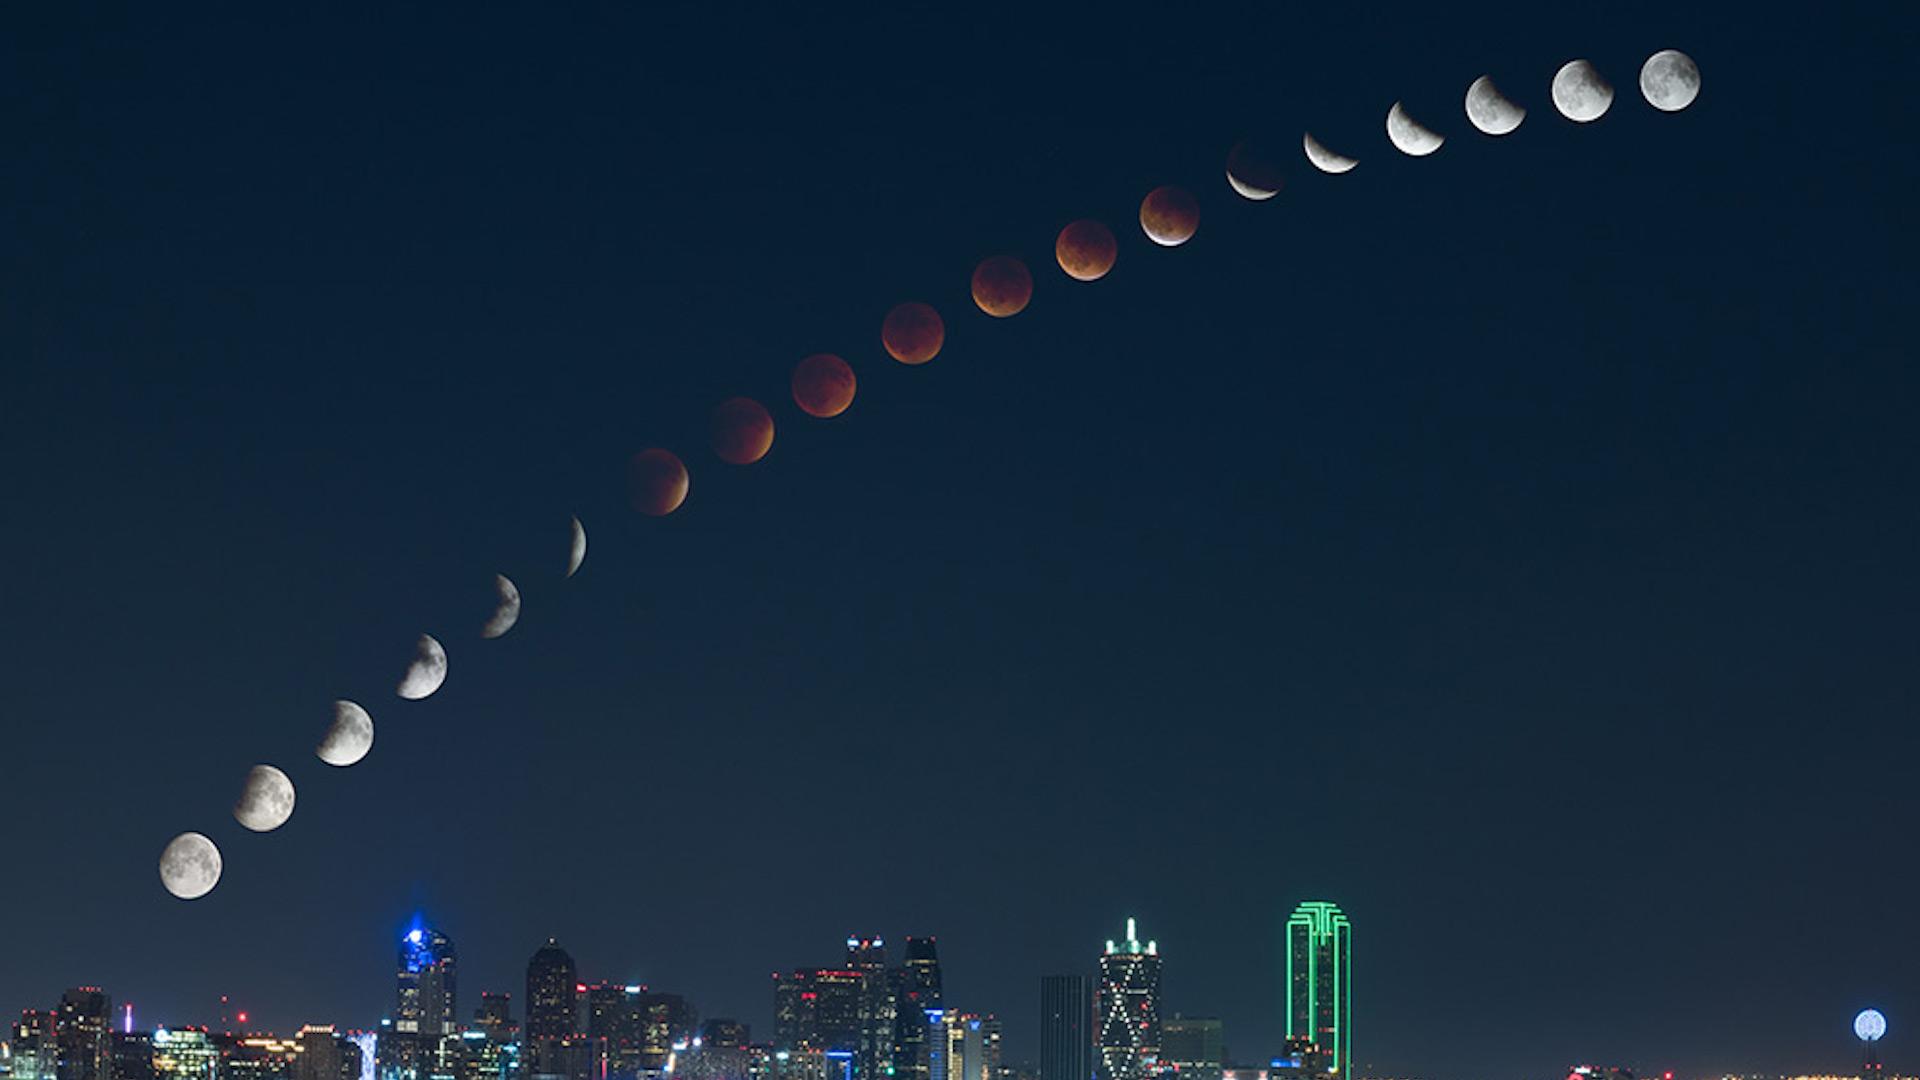 Cómo sacar fotos de eclipses de Sol y de Luna con cámara profesional